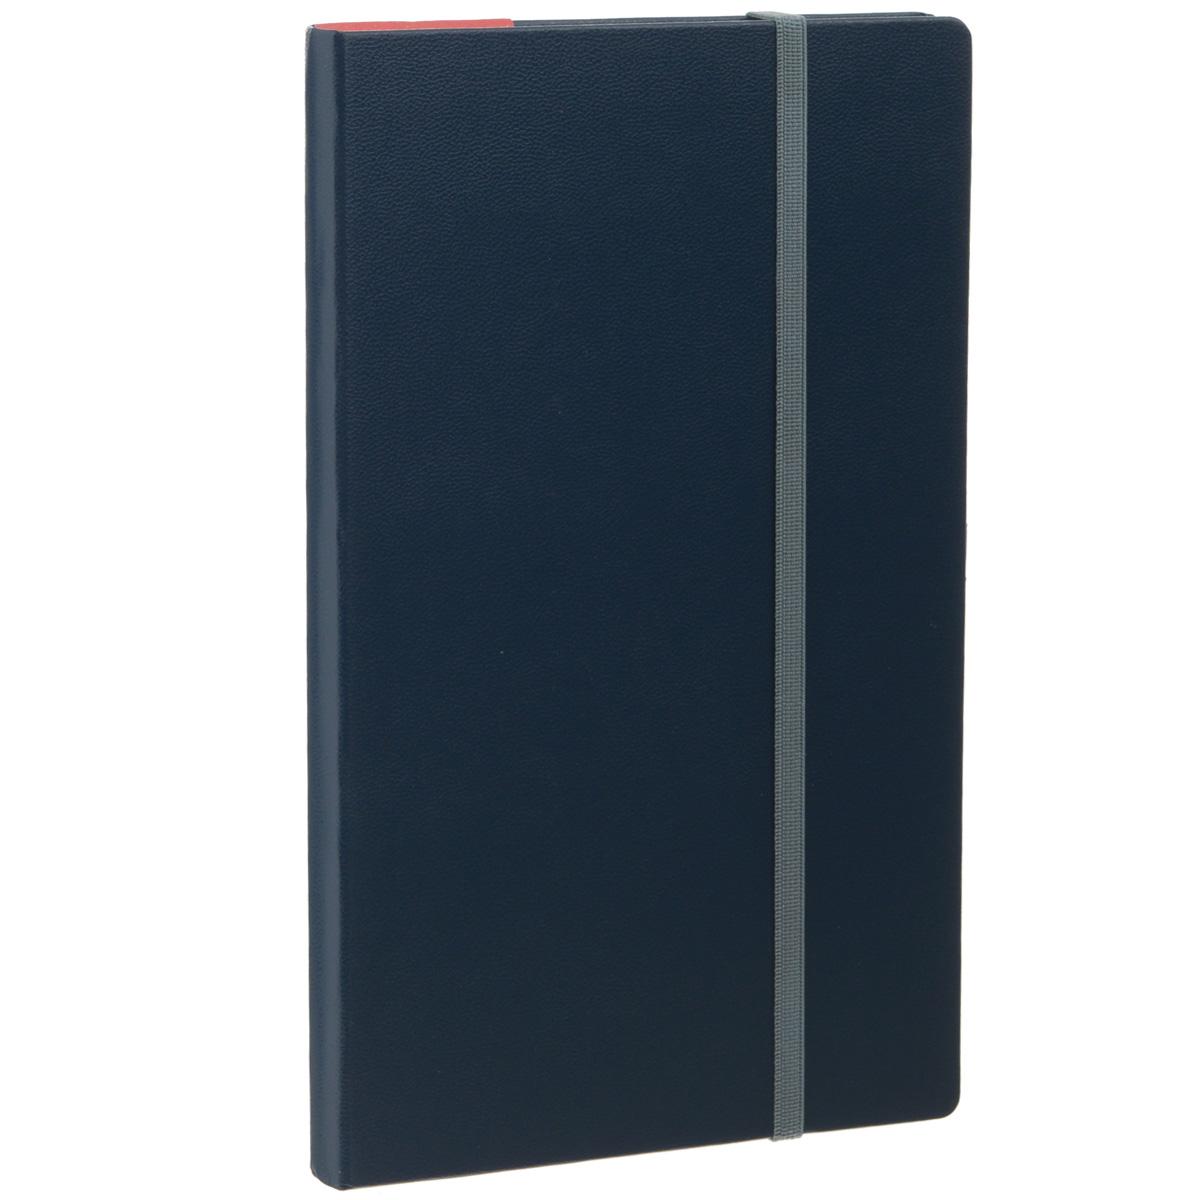 Записная книжка Erich Krause Ariane, цвет: темно-синий, 96 листов2010440Записная книжка Erich Krause Ariane - это дополнительный штрих к вашему имиджу. Демократичная в своем содержании, книжка может быть использована не только для личных пометок и записей, но и как недатированный ежедневник. Надежная твердая обложка из плотного картона, обтянутого искусственной кожей, сохранит ее в аккуратном состоянии на протяжении всего времени использования. Плотная в линейку бумага белого цвета, закладка-ляссе, практичные скругленные углы, эластичная петелька для ручки и внутренний бумажный карман на задней обложке - все это обеспечит вам истинное удовольствие от письма. В начале книжки имеется страничка для заполнения личных данных владельца, четыре страницы для заполнения адресов, телефонов и интернет-почты и четыре страницы для заполнения сайтов и ссылок. Благодаря небольшому формату книжку легко взять с собой. Записная книжка плотно закрывается при помощи фиксирующей резинки.